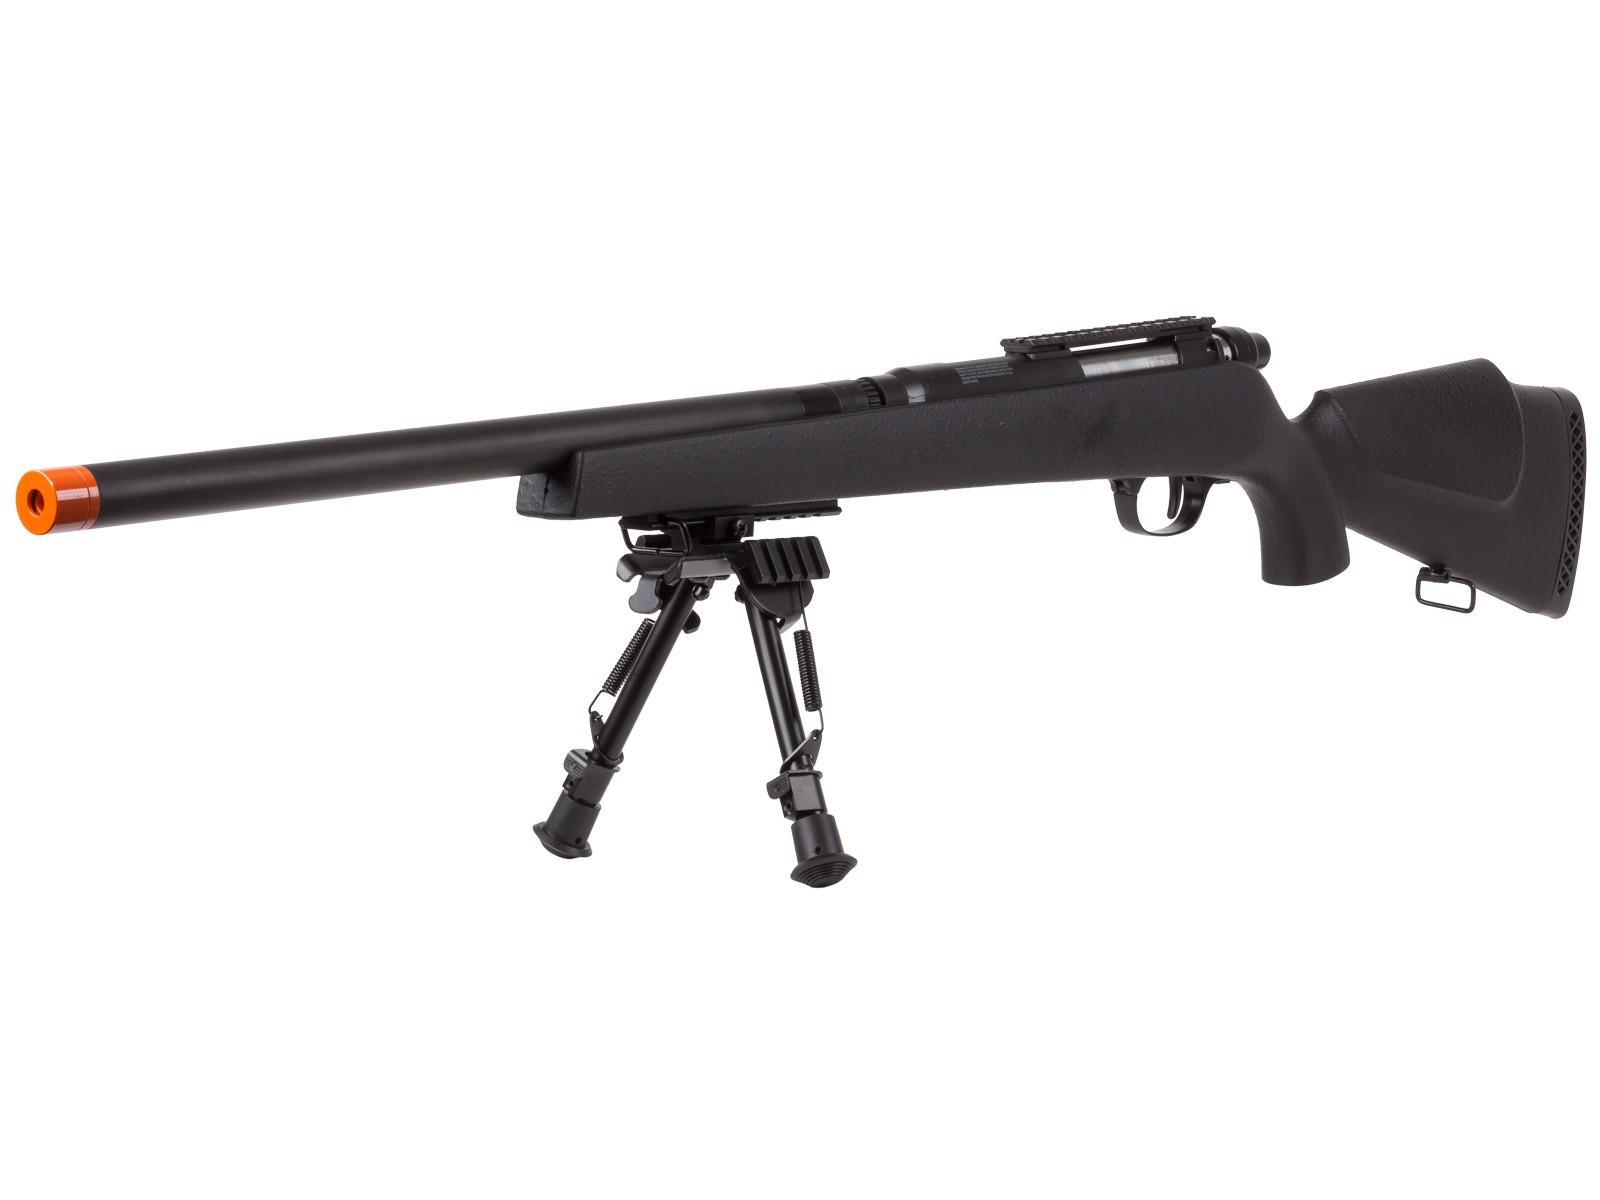 TSD_UHC_Super_X9_Double_Bolt_Airsoft_Rifle_Black_Box_Mag_6mm